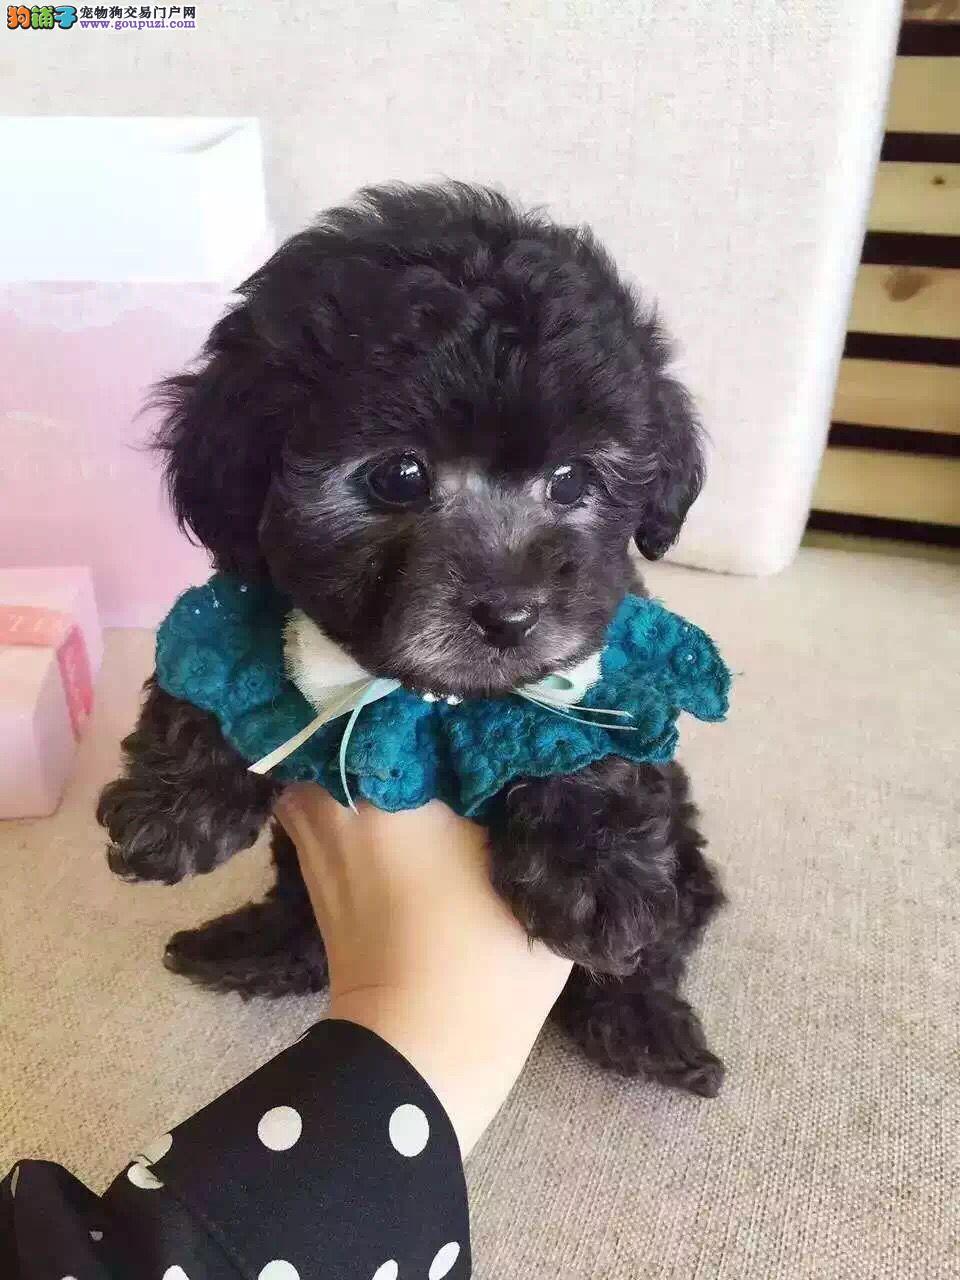 南宁大型培育中心出售多种颜色的泰迪犬 狗贩子绕行